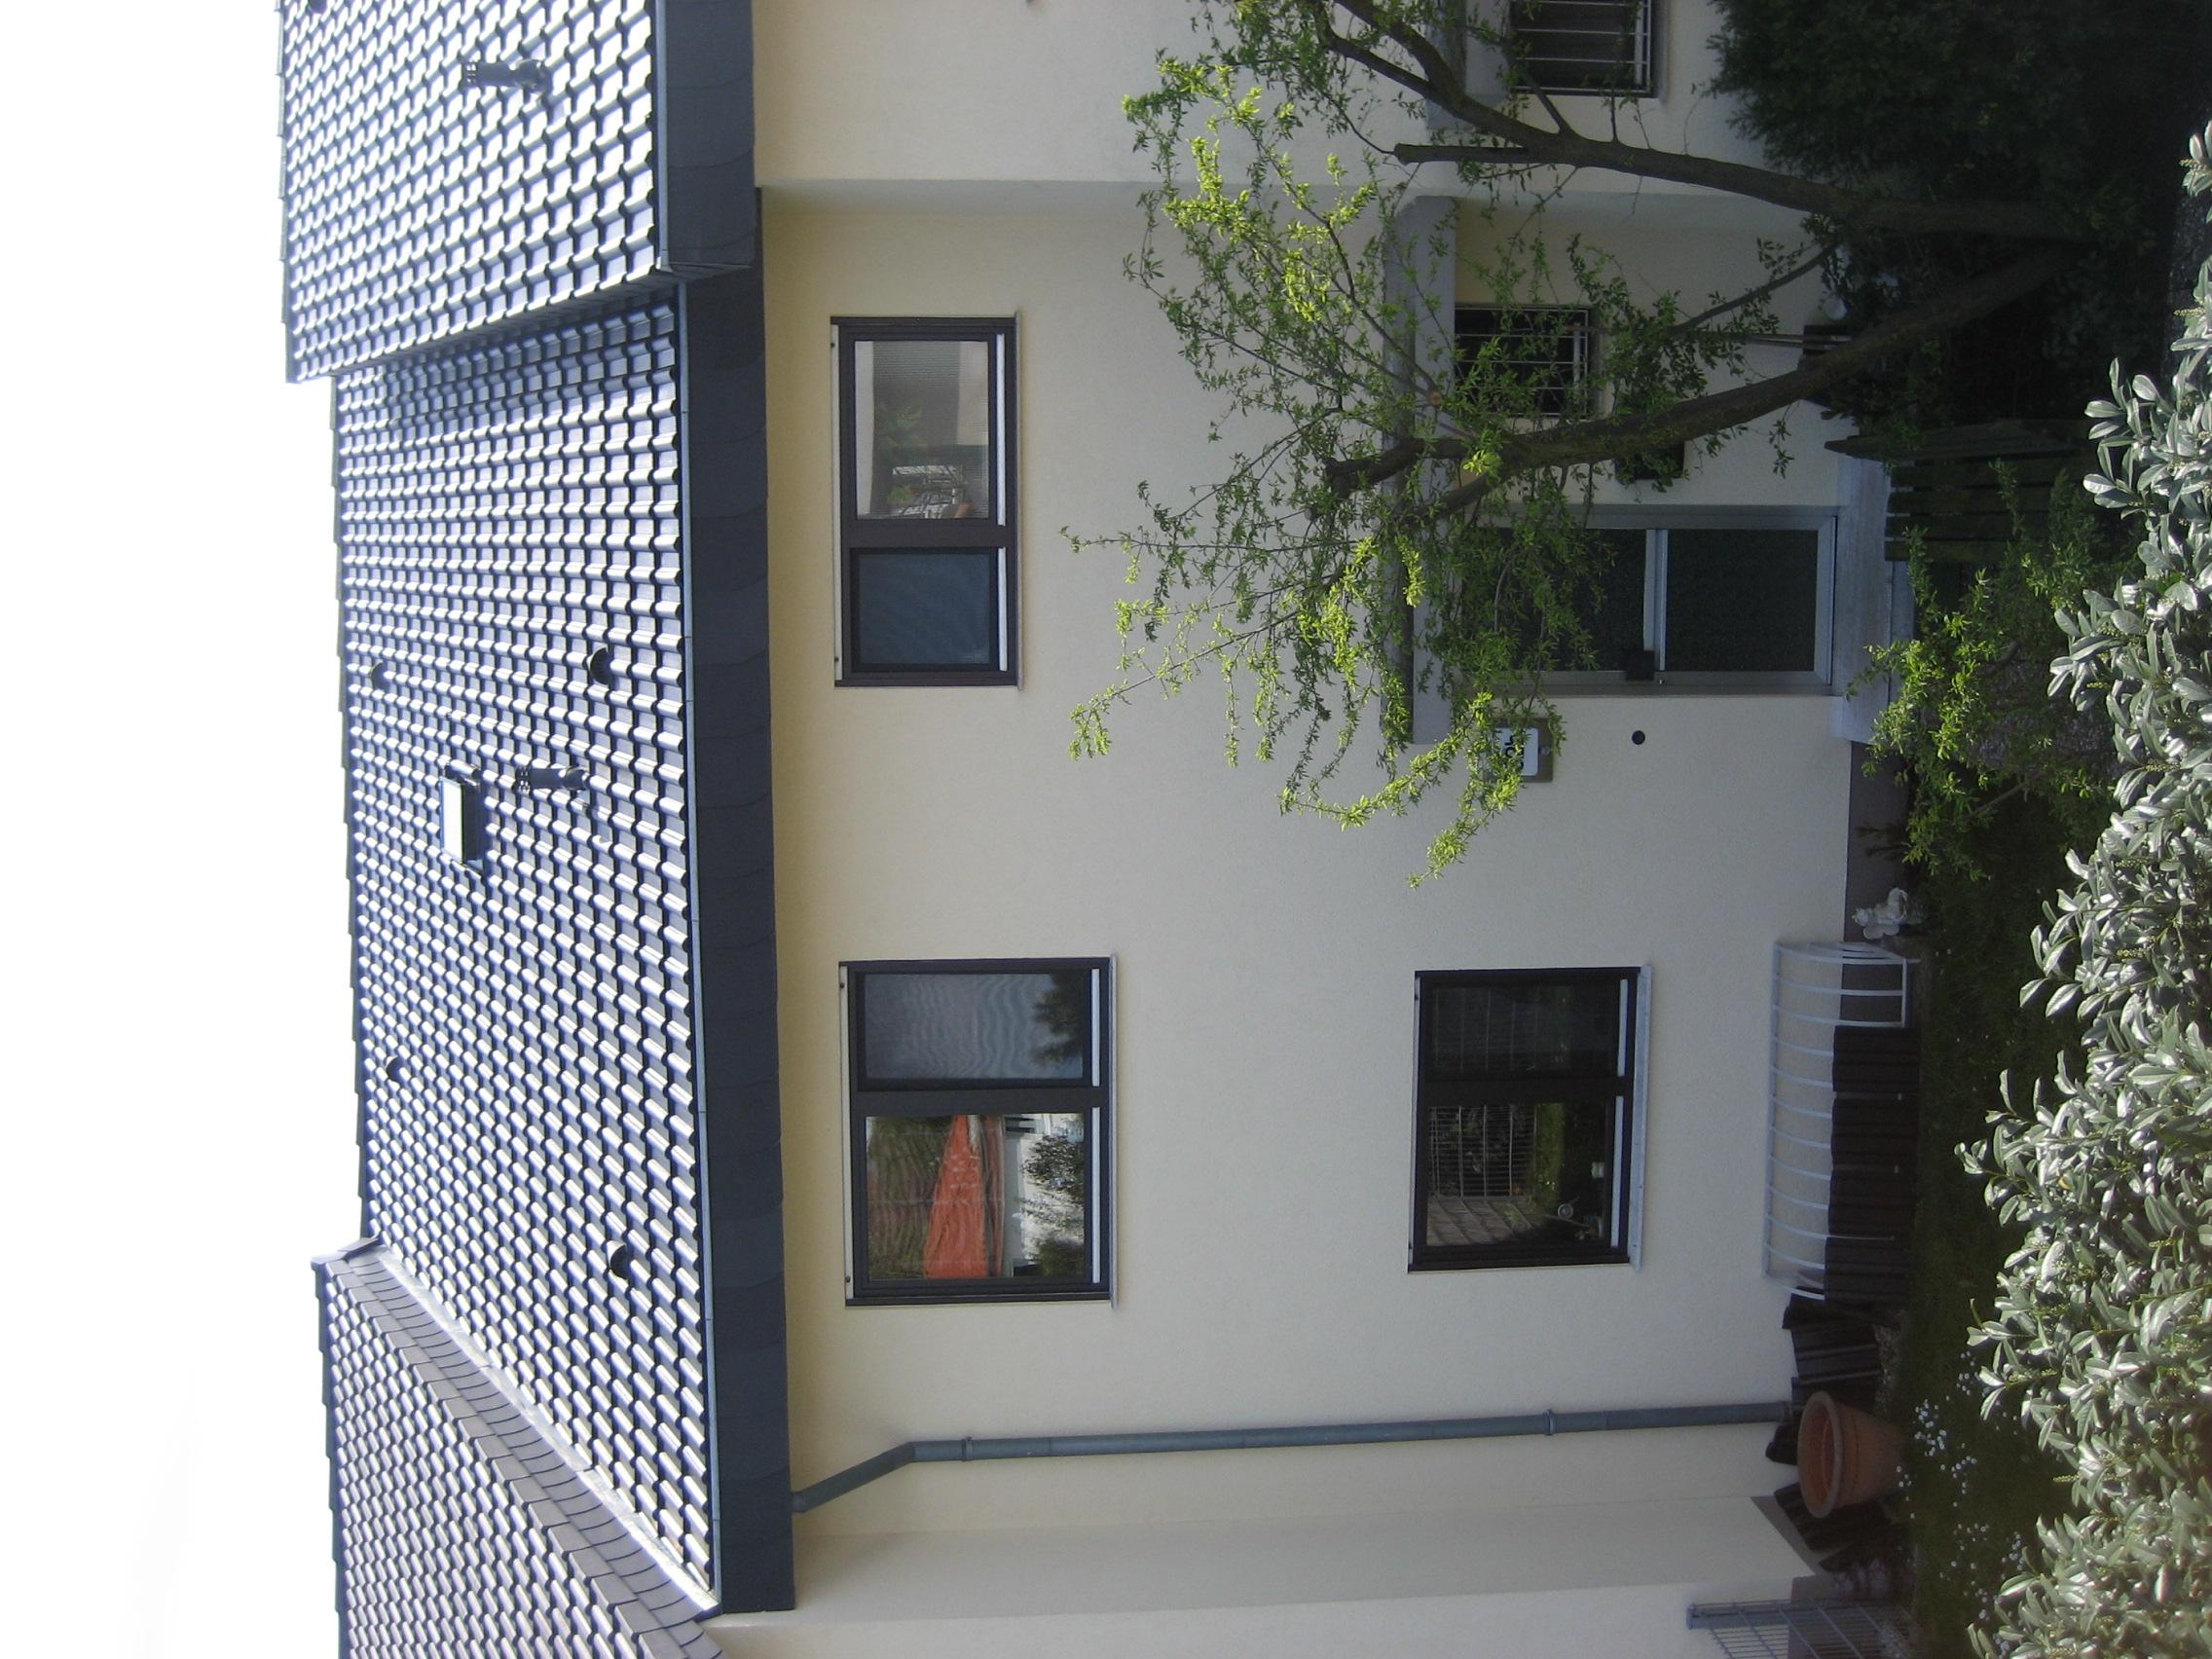 Haus zur miete in Hirschberg I www.brockhaus-immo.de